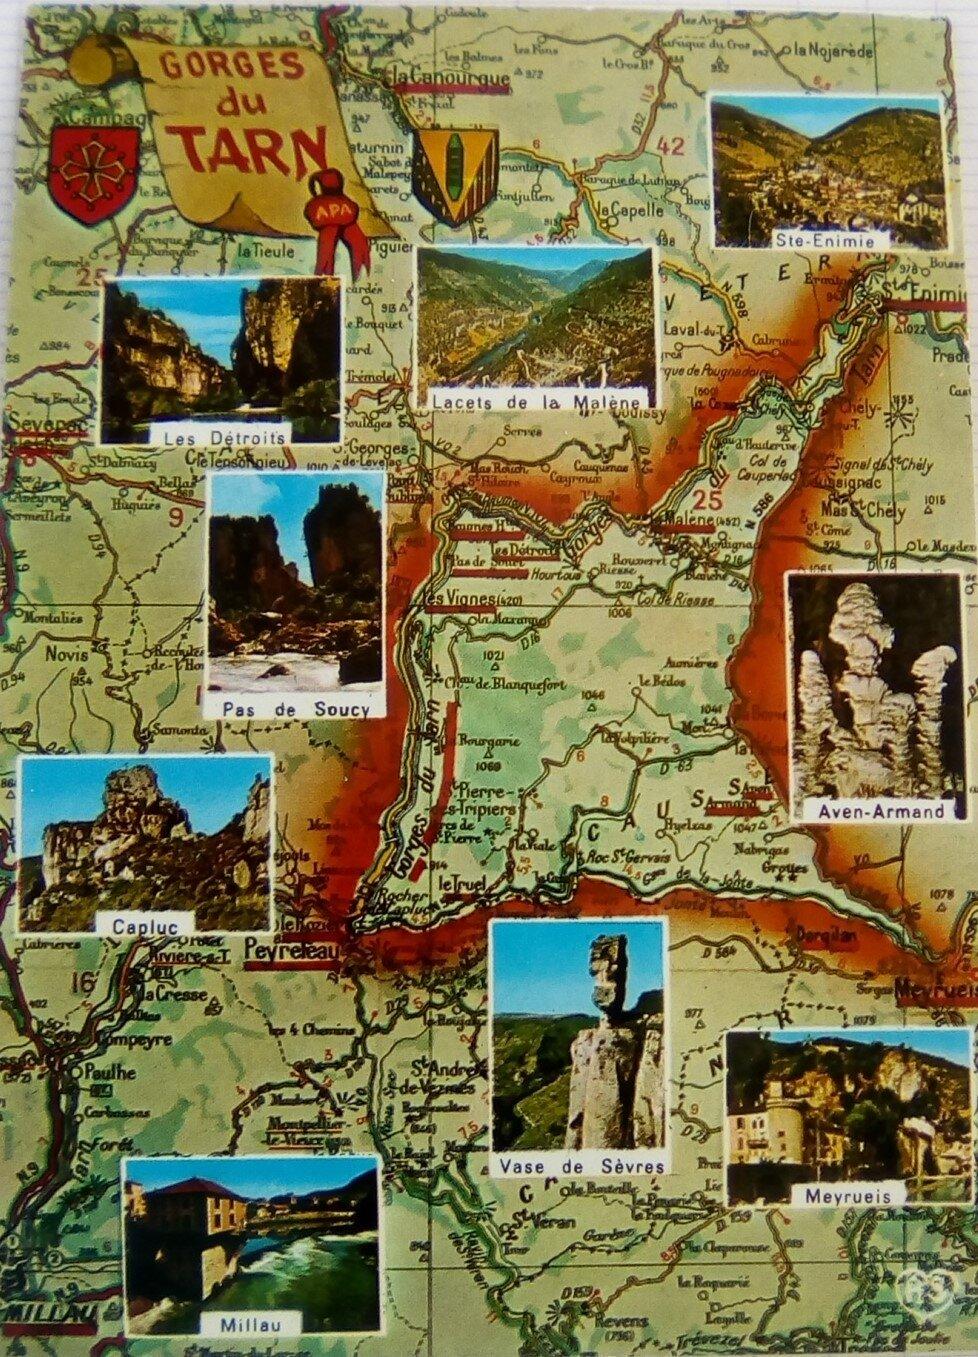 Gorges du Tarn 0 - Gorges de la Jonte